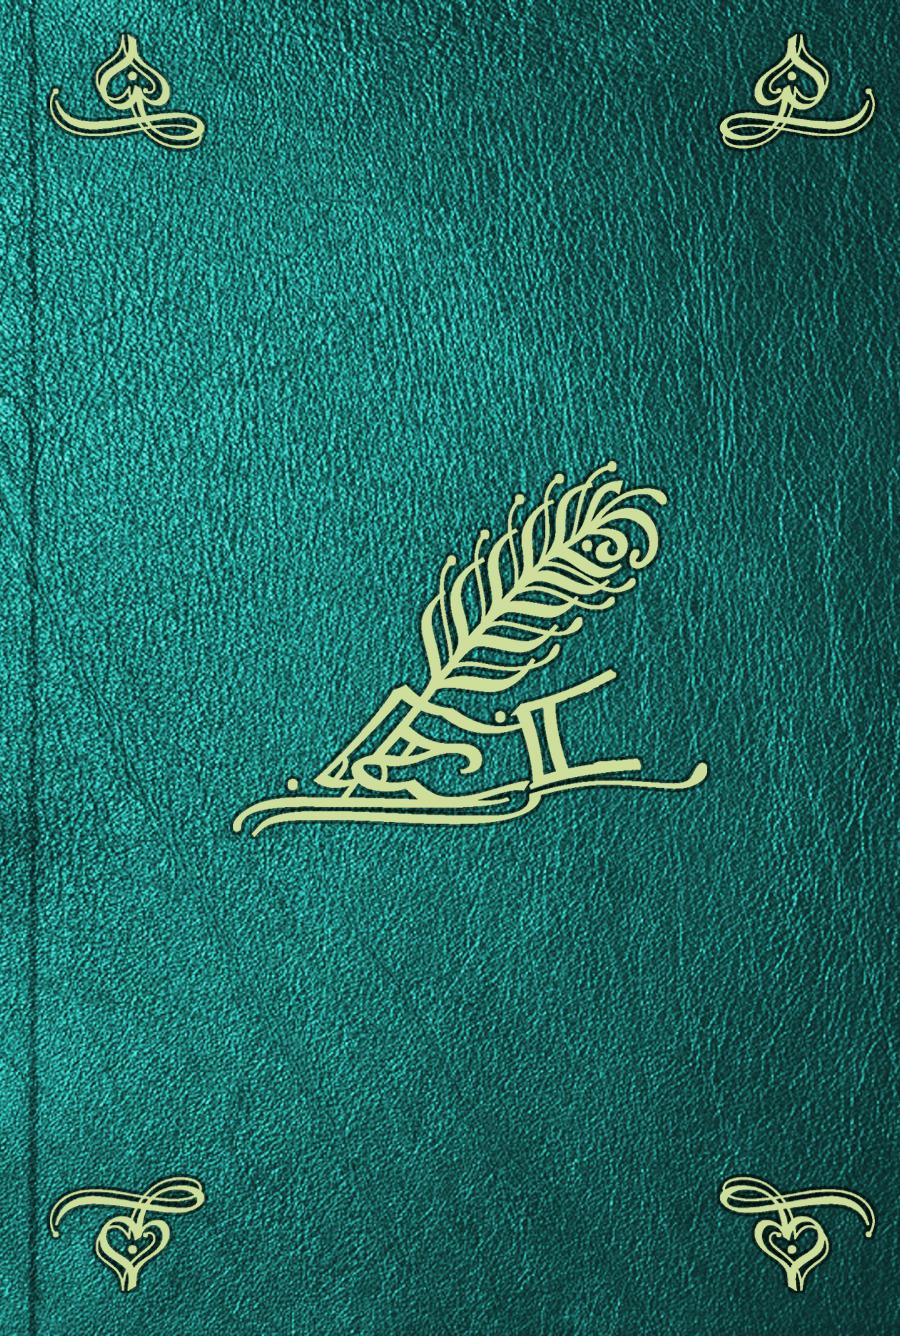 Pierre Loius Ginguené Storia della letteratura italiana. T. 10 erasmo pèrcopo rassegna critica della letteratura italiana 1900 vol 5 classic reprint